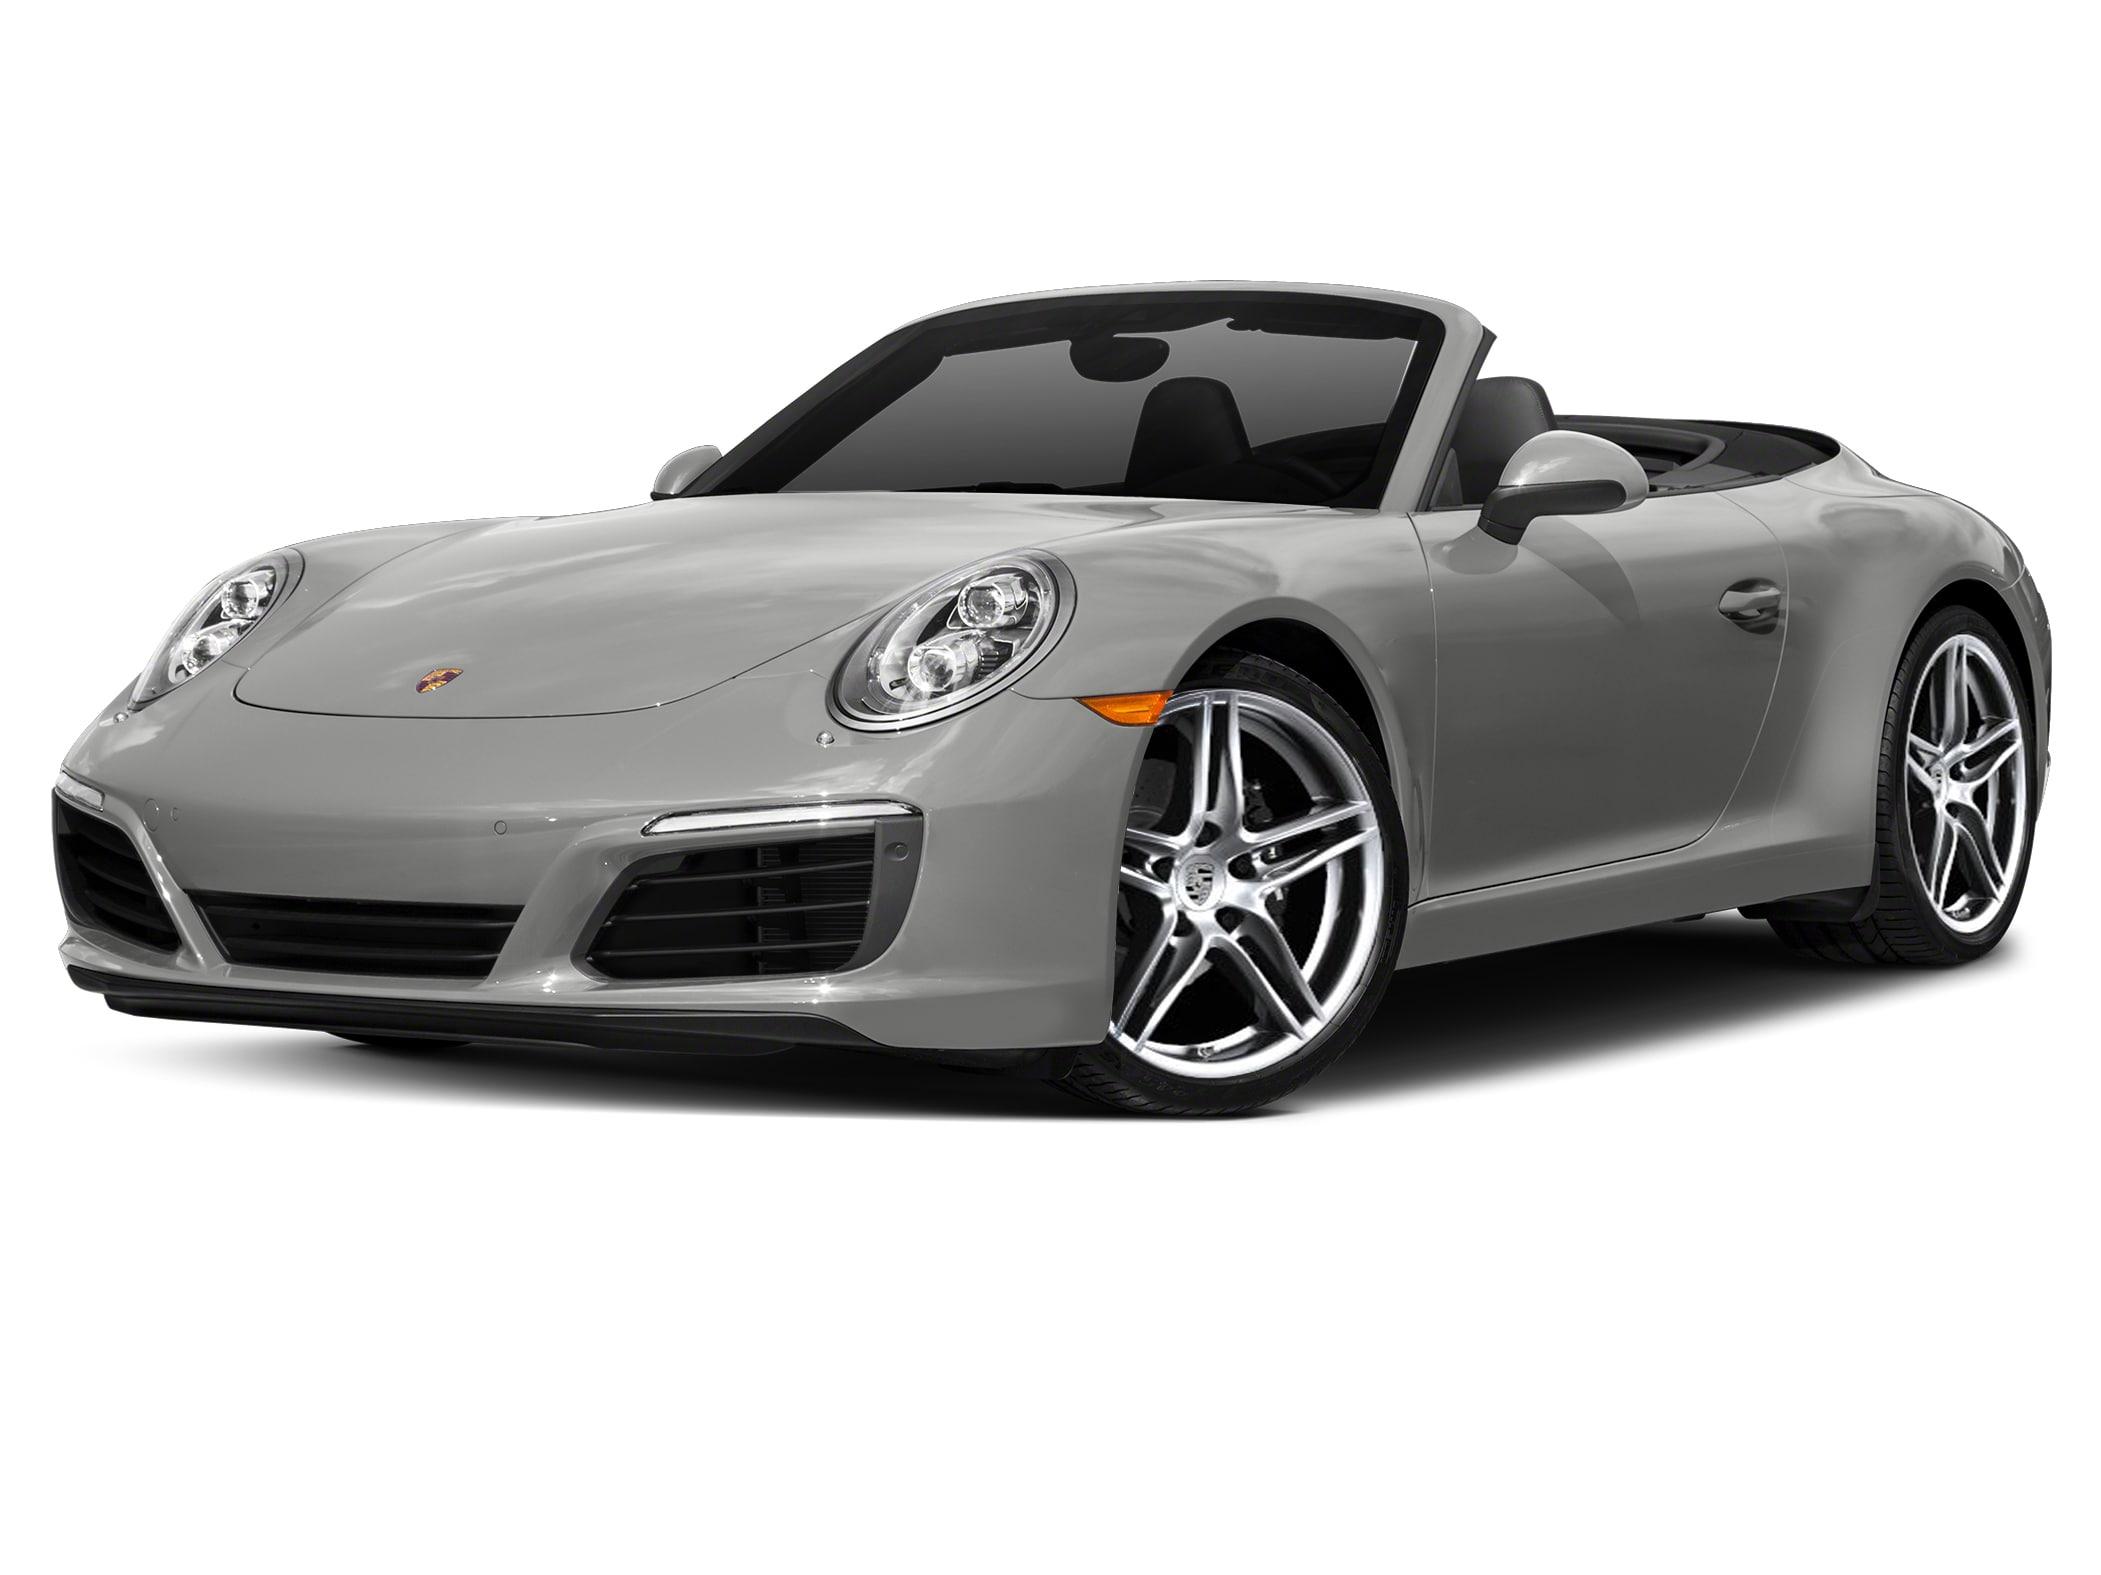 2018 Porsche 911 Cabriolet Fort Wayne C455740090 Hp Rear Cleanout Door Knob View Part Diagram